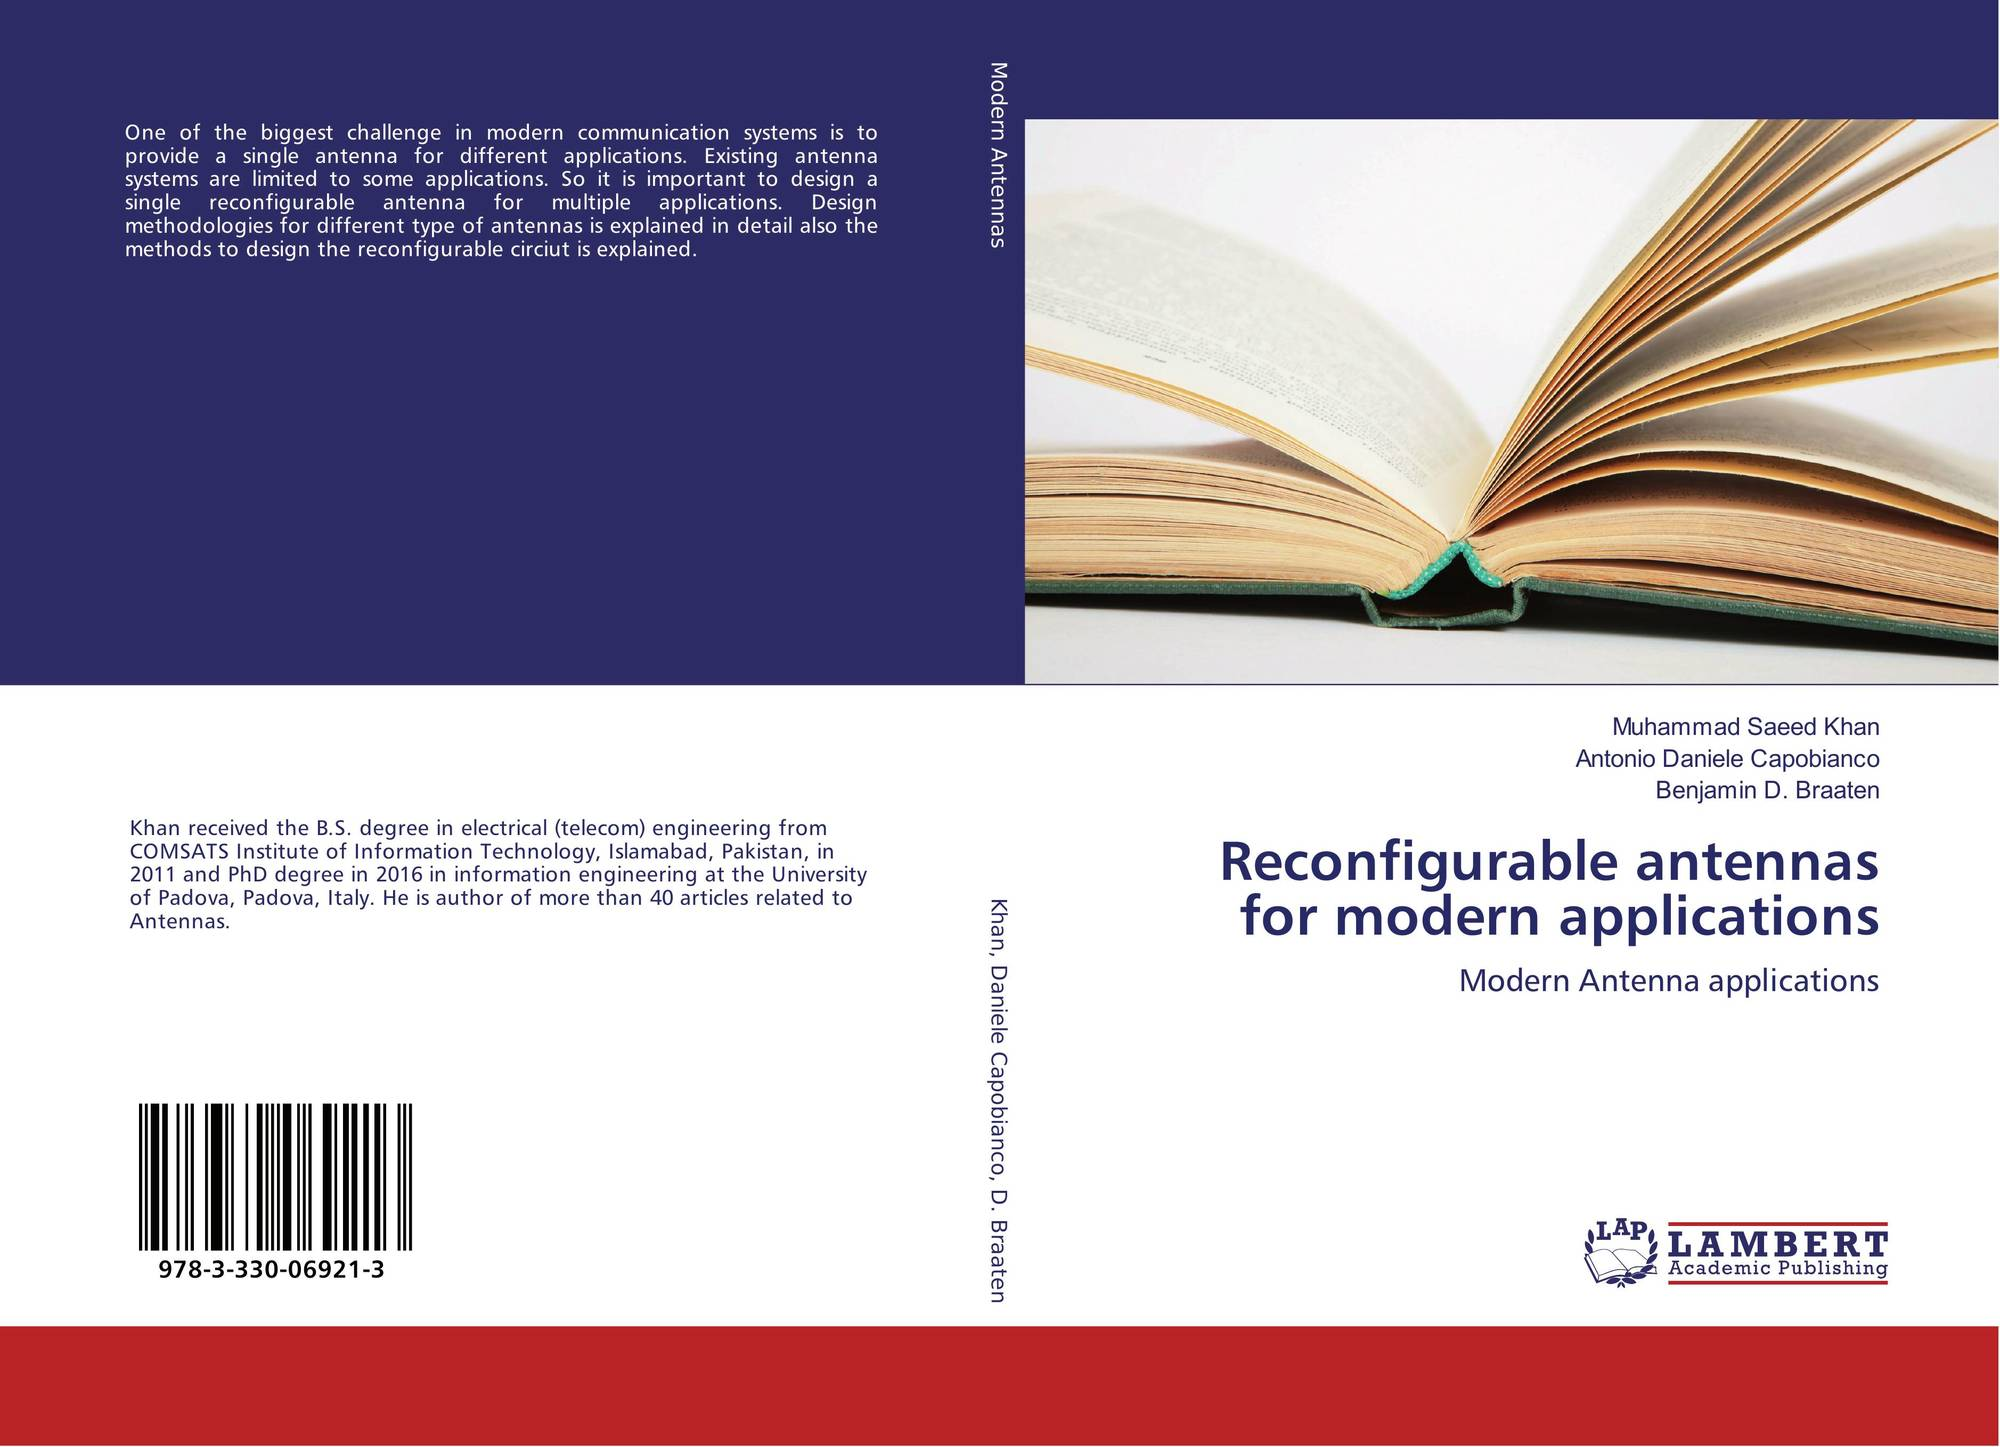 Book Cover Design Application : Résultats de la recherche pour quot applications